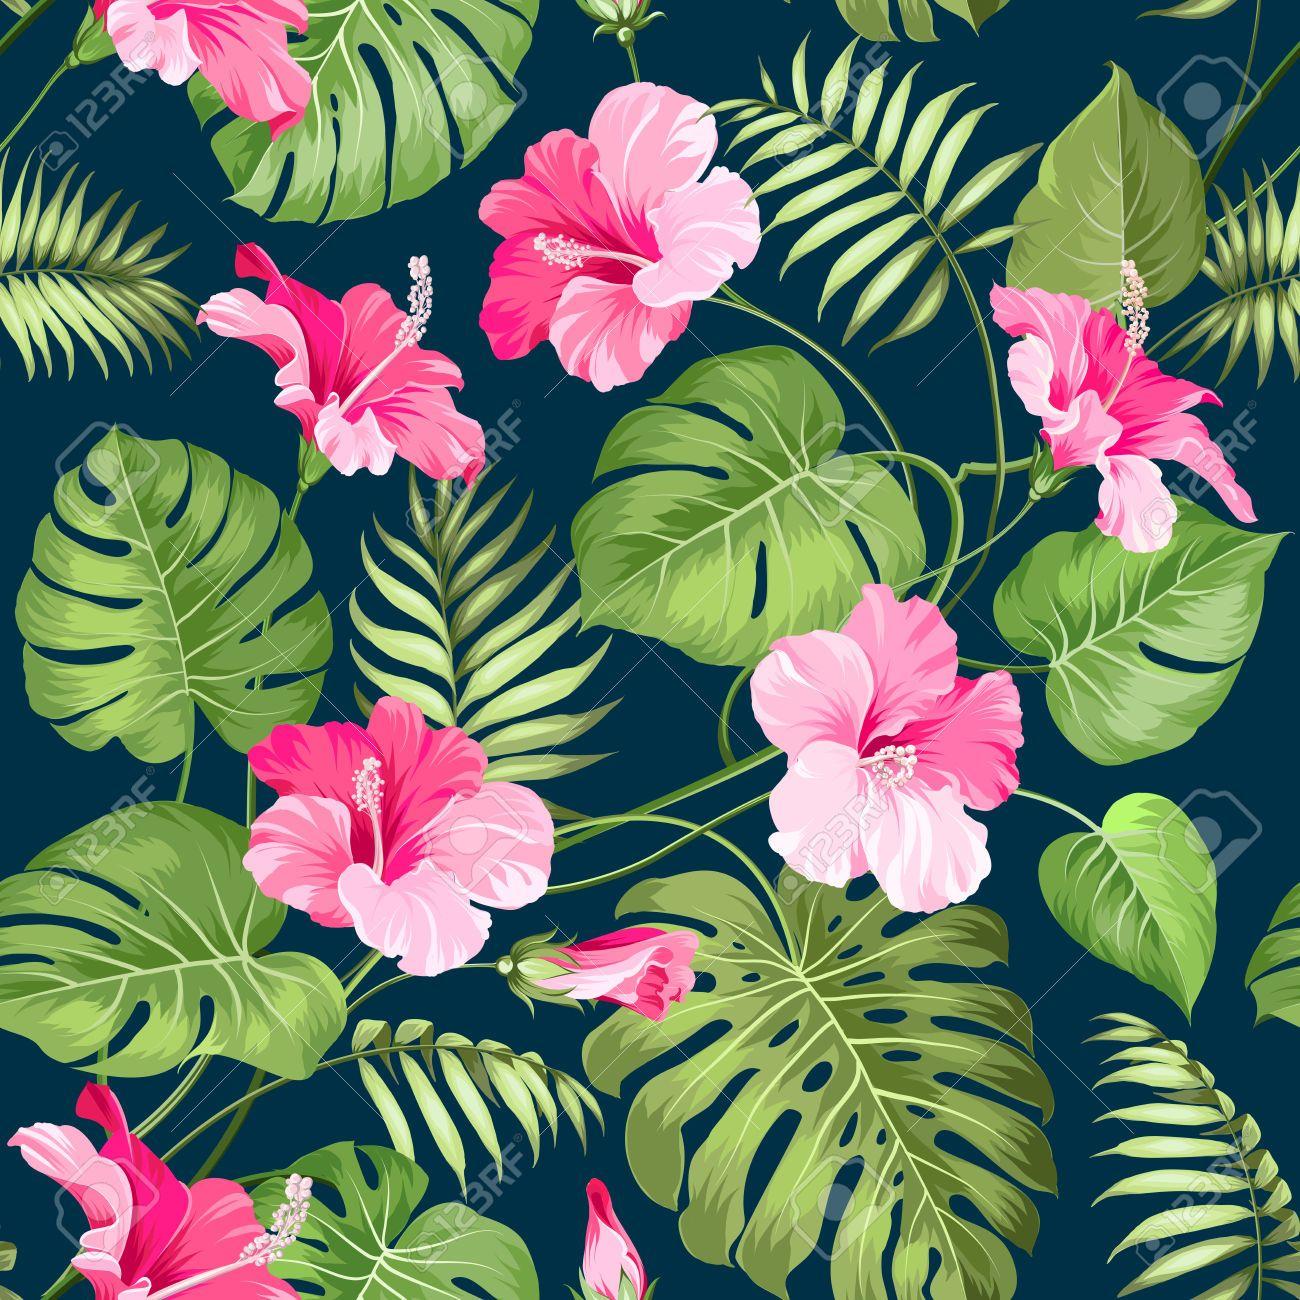 Ilustraciones flores tropicales buscar con google - Flores tropicales fotos ...